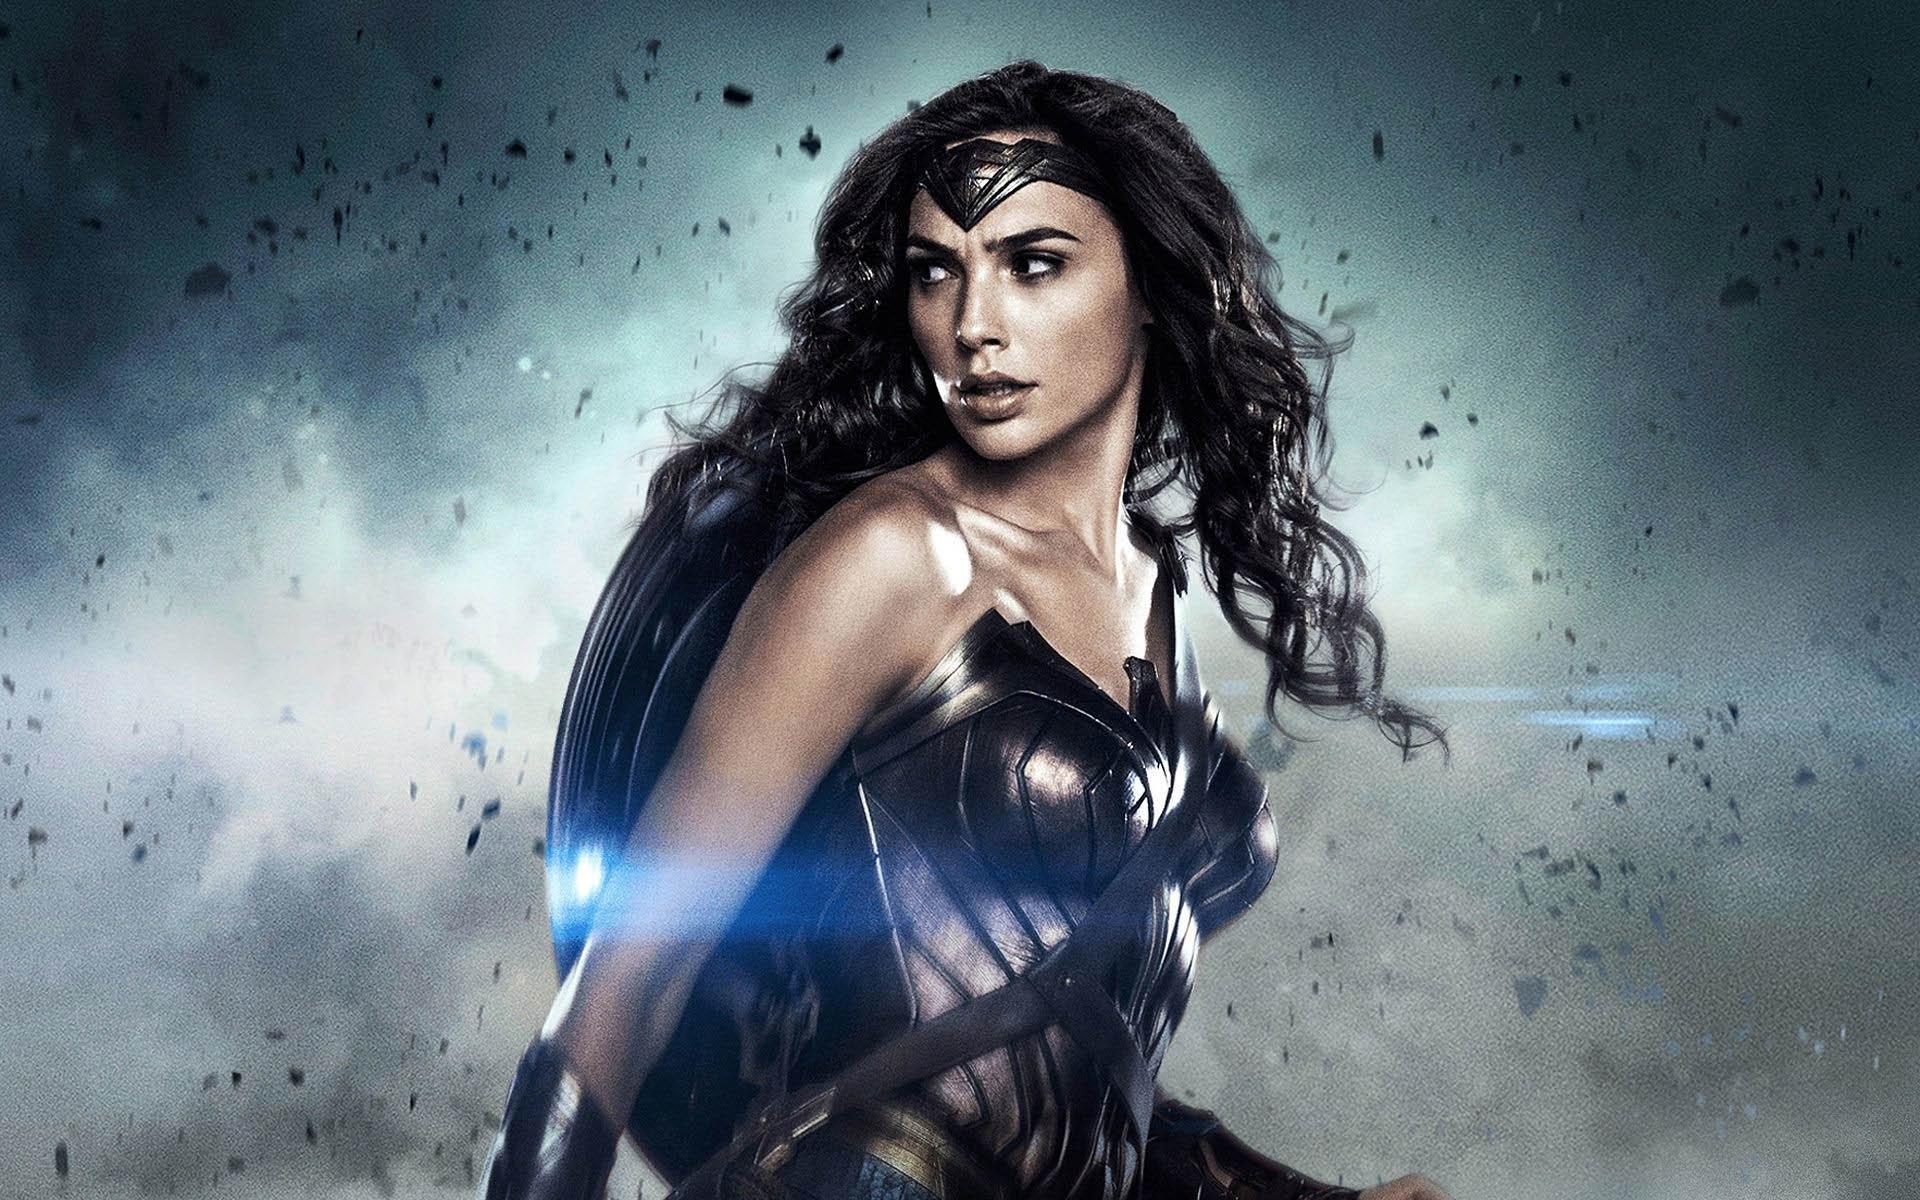 Neuer Teaser zum nächsten Wonder Woman Film